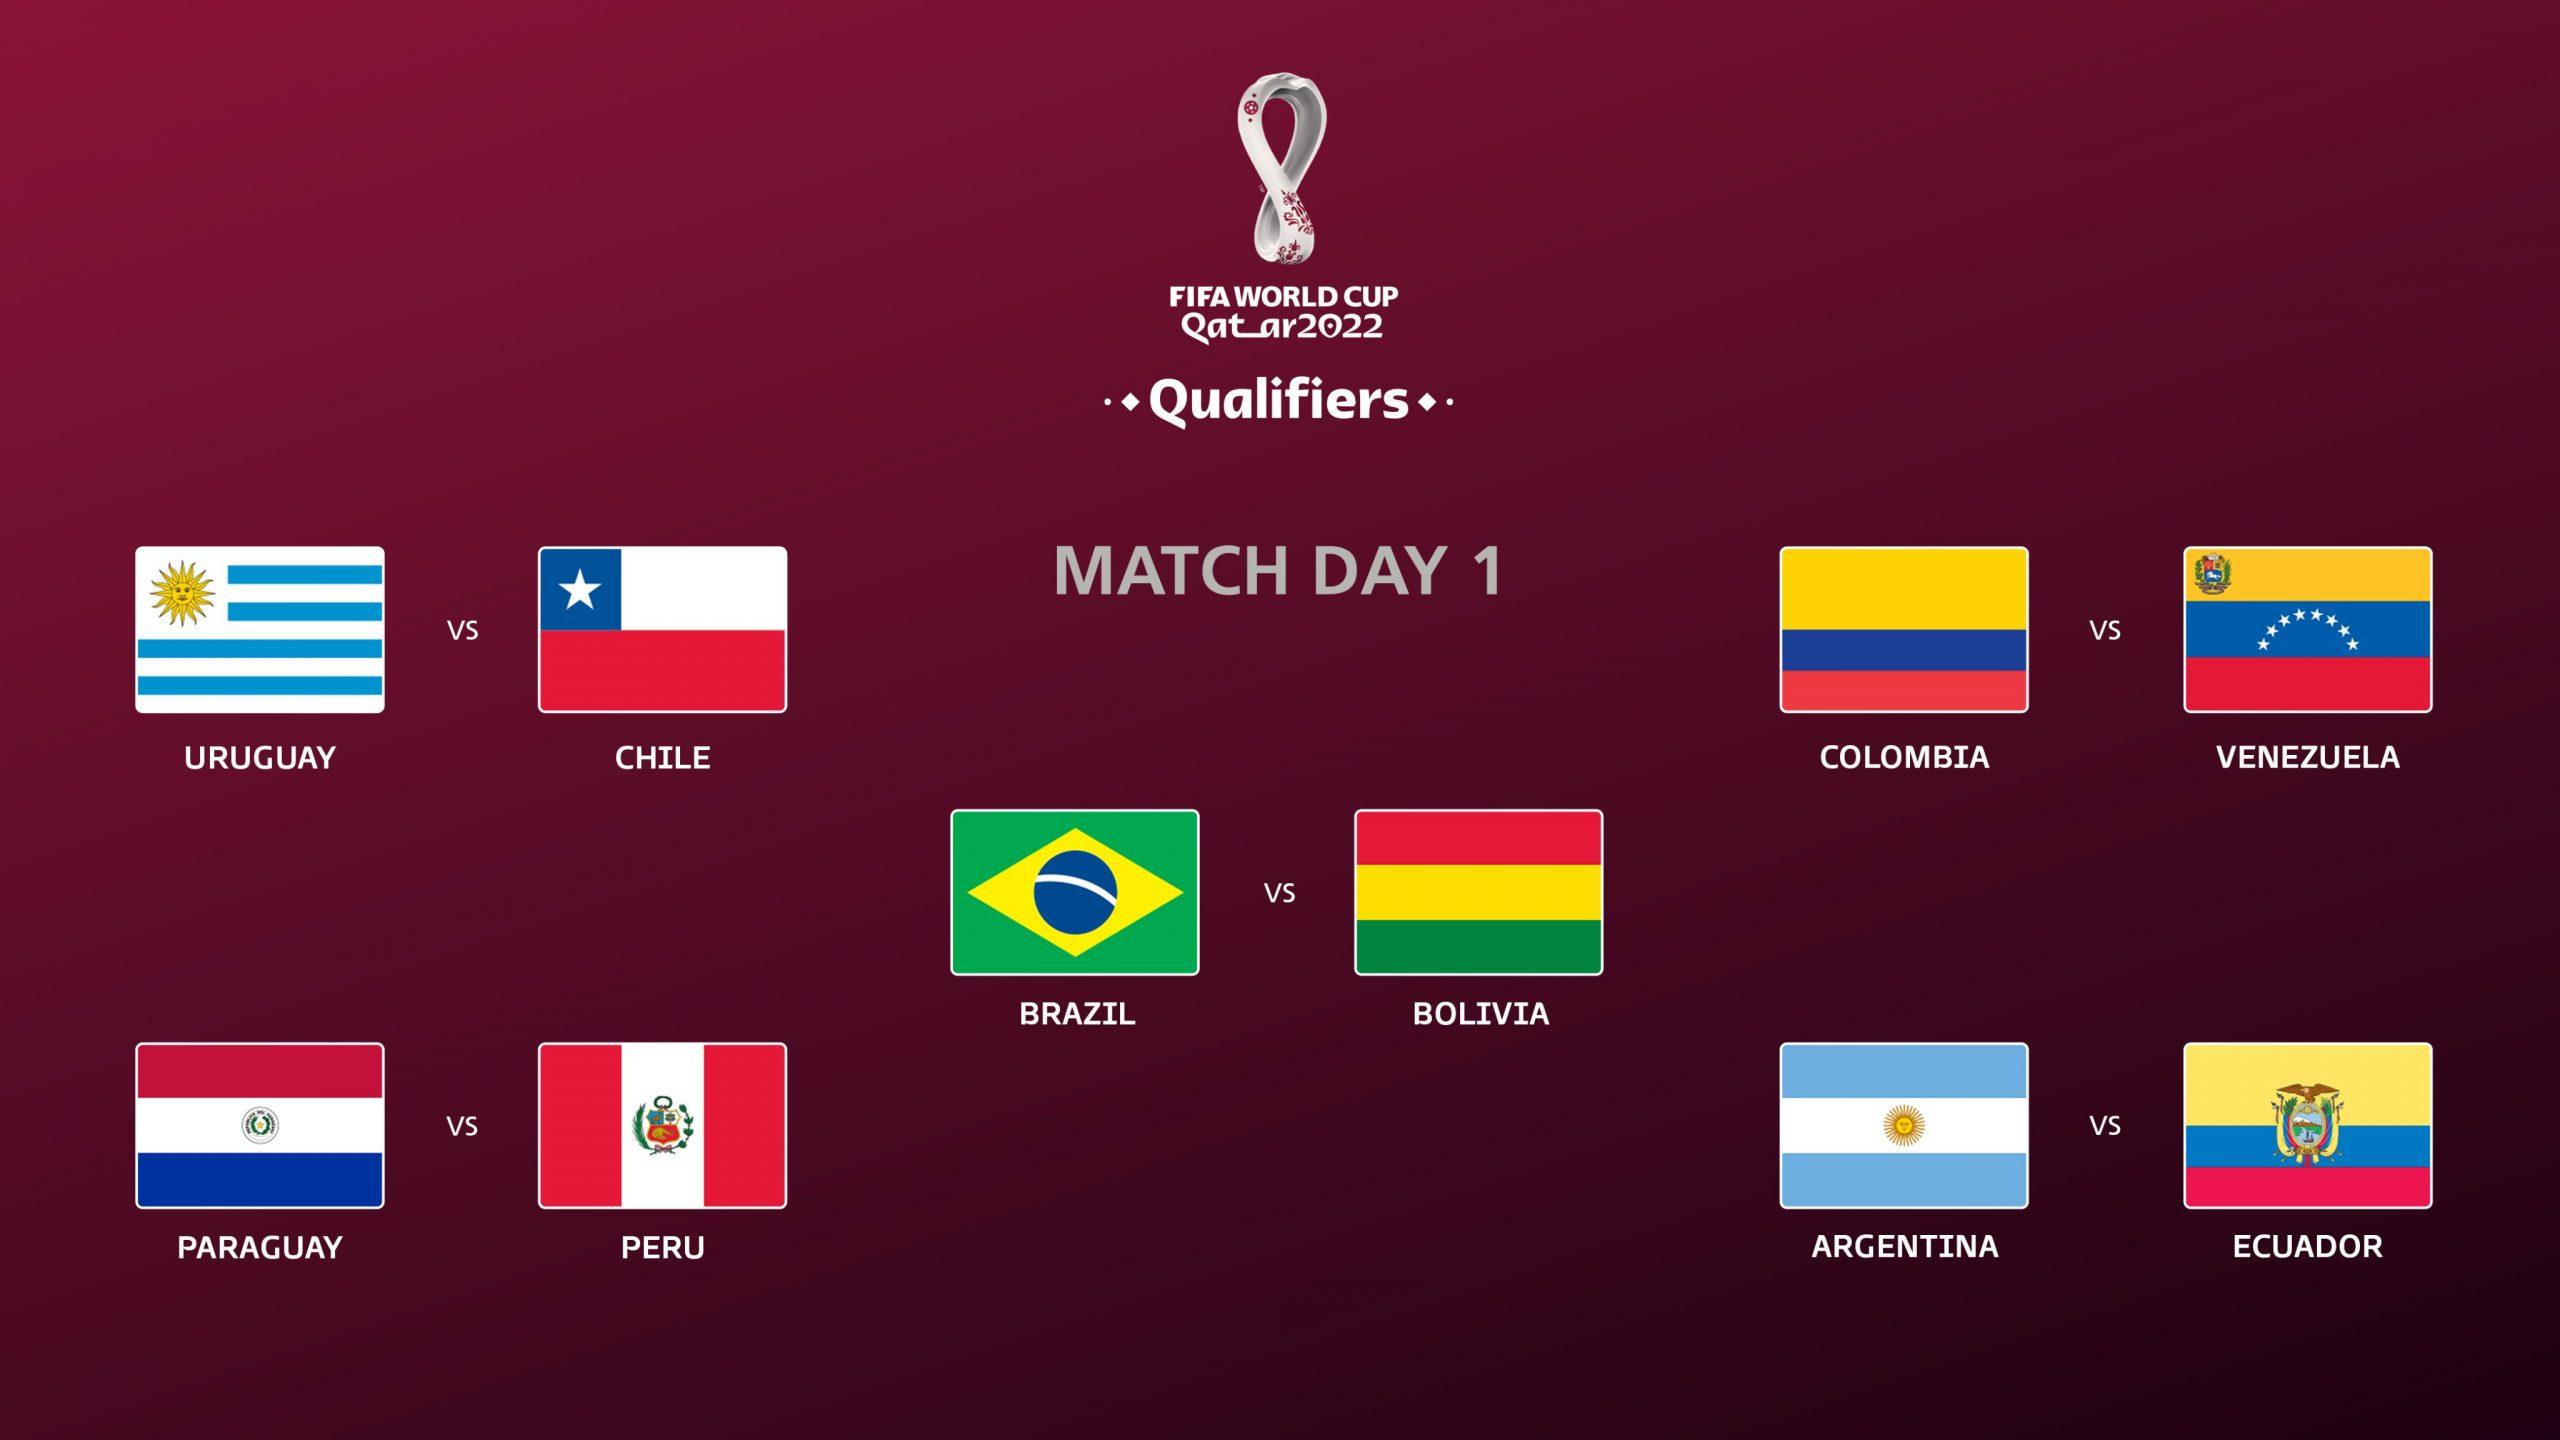 कतार विश्वकप फुटबल : दक्षिण अमेरिकी क्षेत्रको प्रारम्भिक छनौट 'ड्र' सार्वजनिक